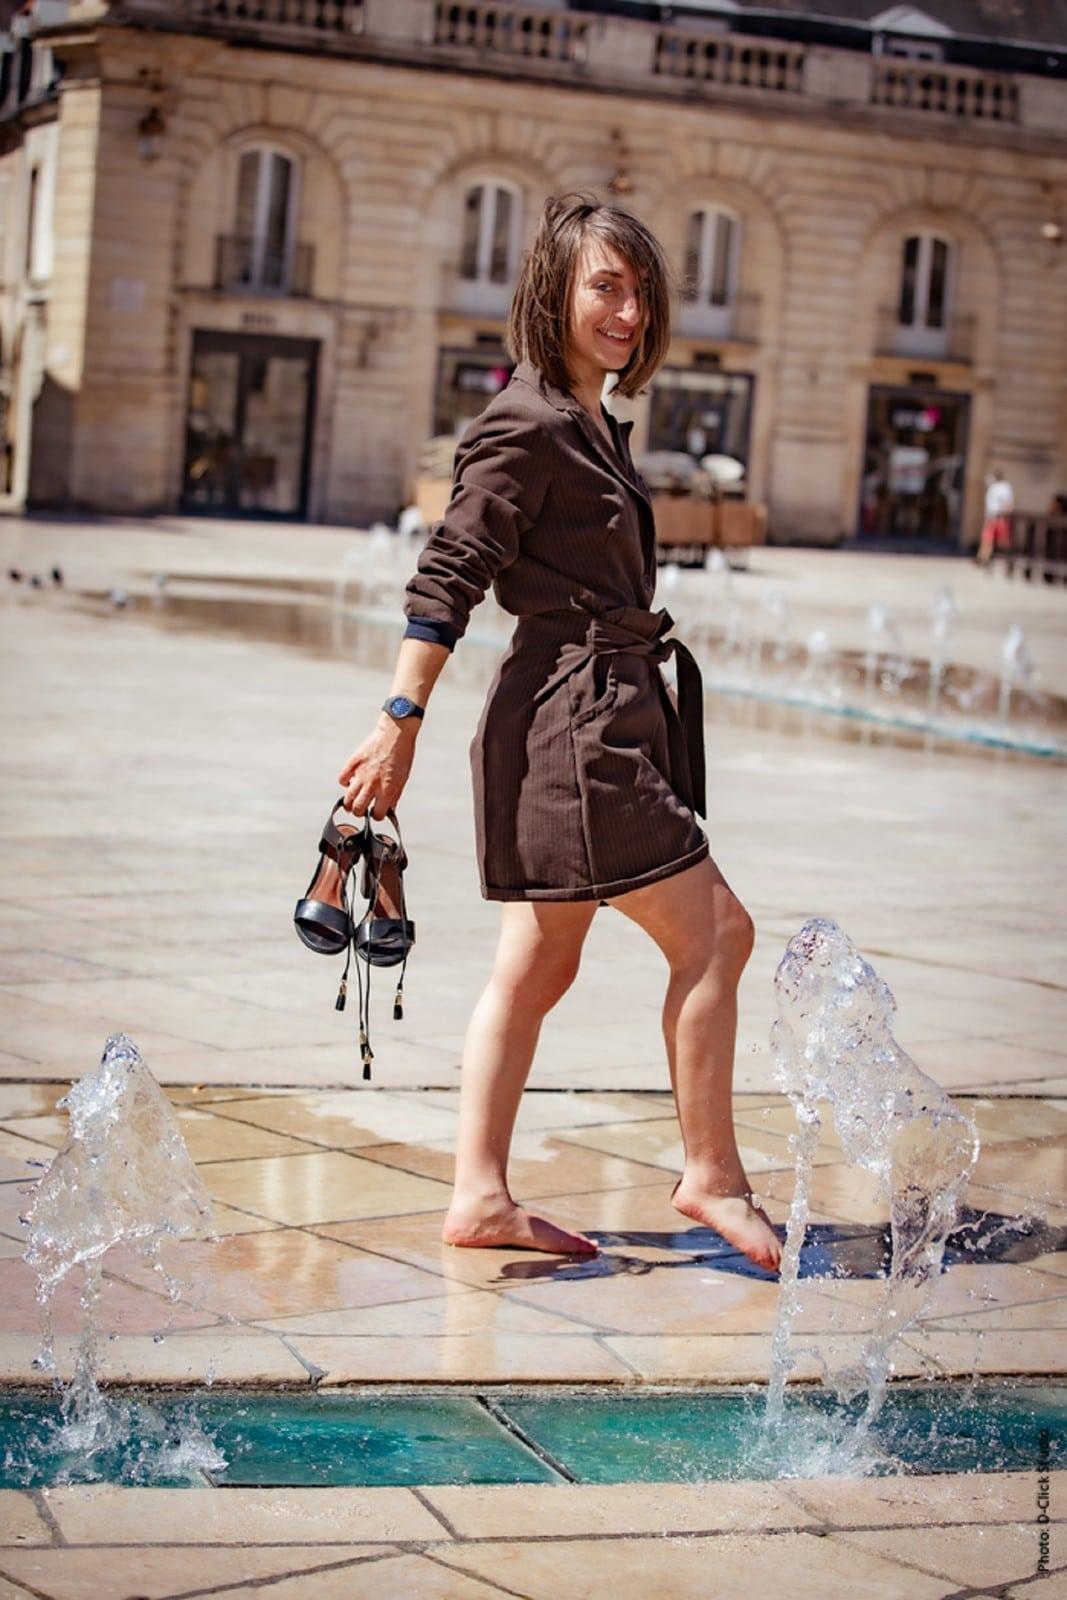 Un_tresor_dans_mon_placard-style_vestimentaire_coaching_vestimentaire-objectif_garde-ideale-DclickStudio